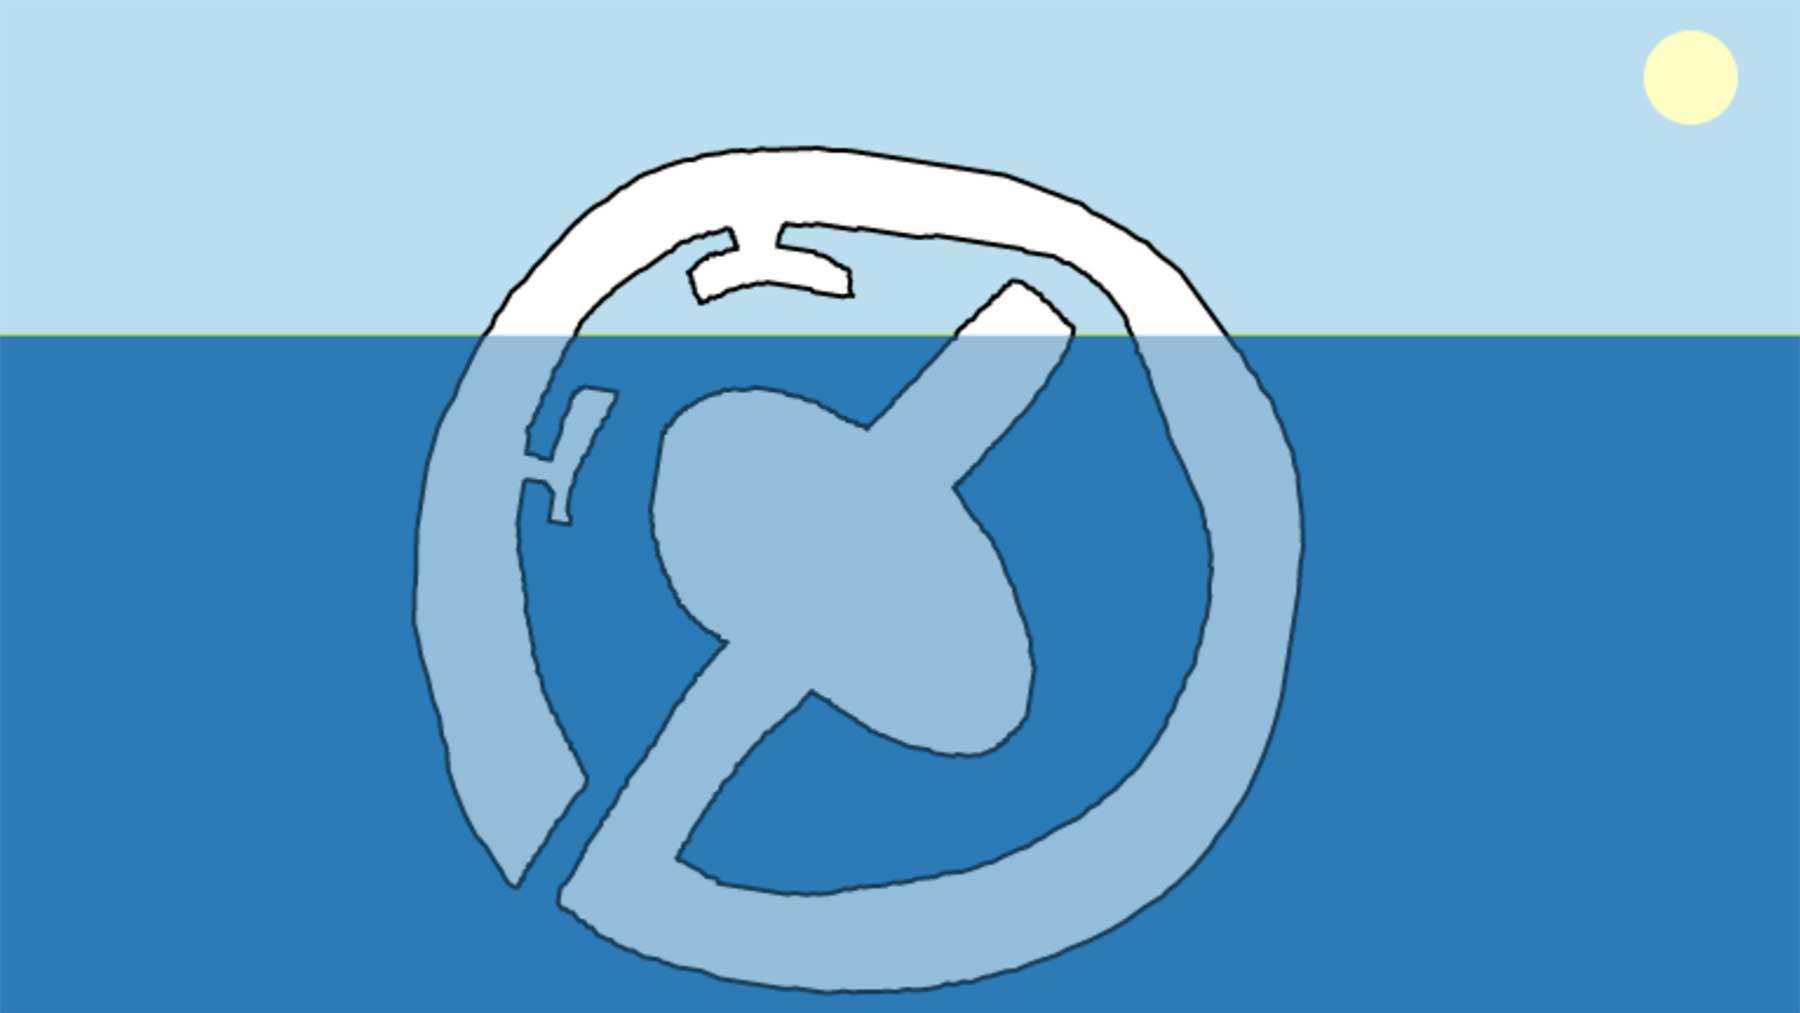 Eisberg im Browser zeichnen und sehen, wie er schwimmen würde iceberger